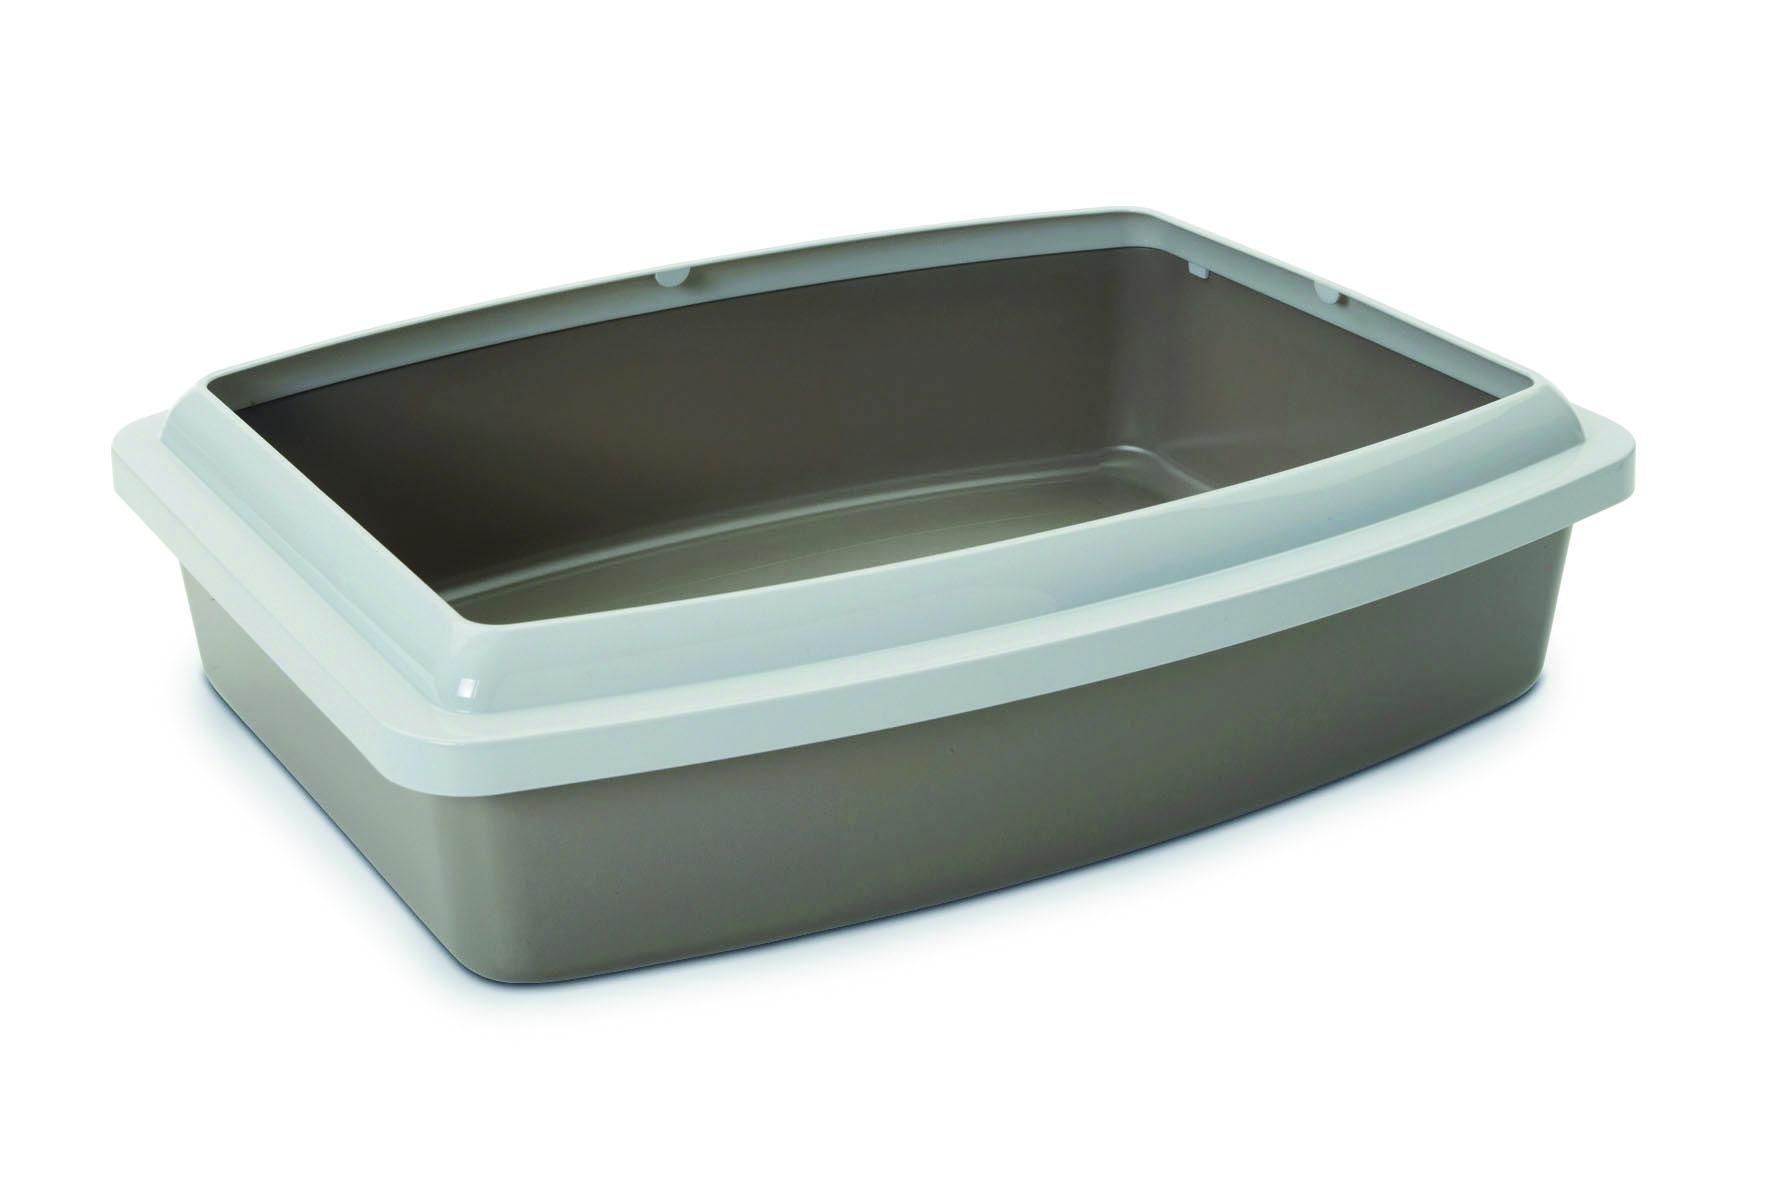 Туалет для кошек Savic Oval Trey Medium, с бортом, цвет: серый, 42 см х 33 см14208/224Туалет для кошек Savic Oval Trey Medium изготовлен из качественного прочного пластика. Высокий цветной борт, прикрепленный по периметру лотка, удобно защелкивается и предотвращает разбрасывание наполнителя. Это самый простой в употреблении предмет обихода для кошек и котов.